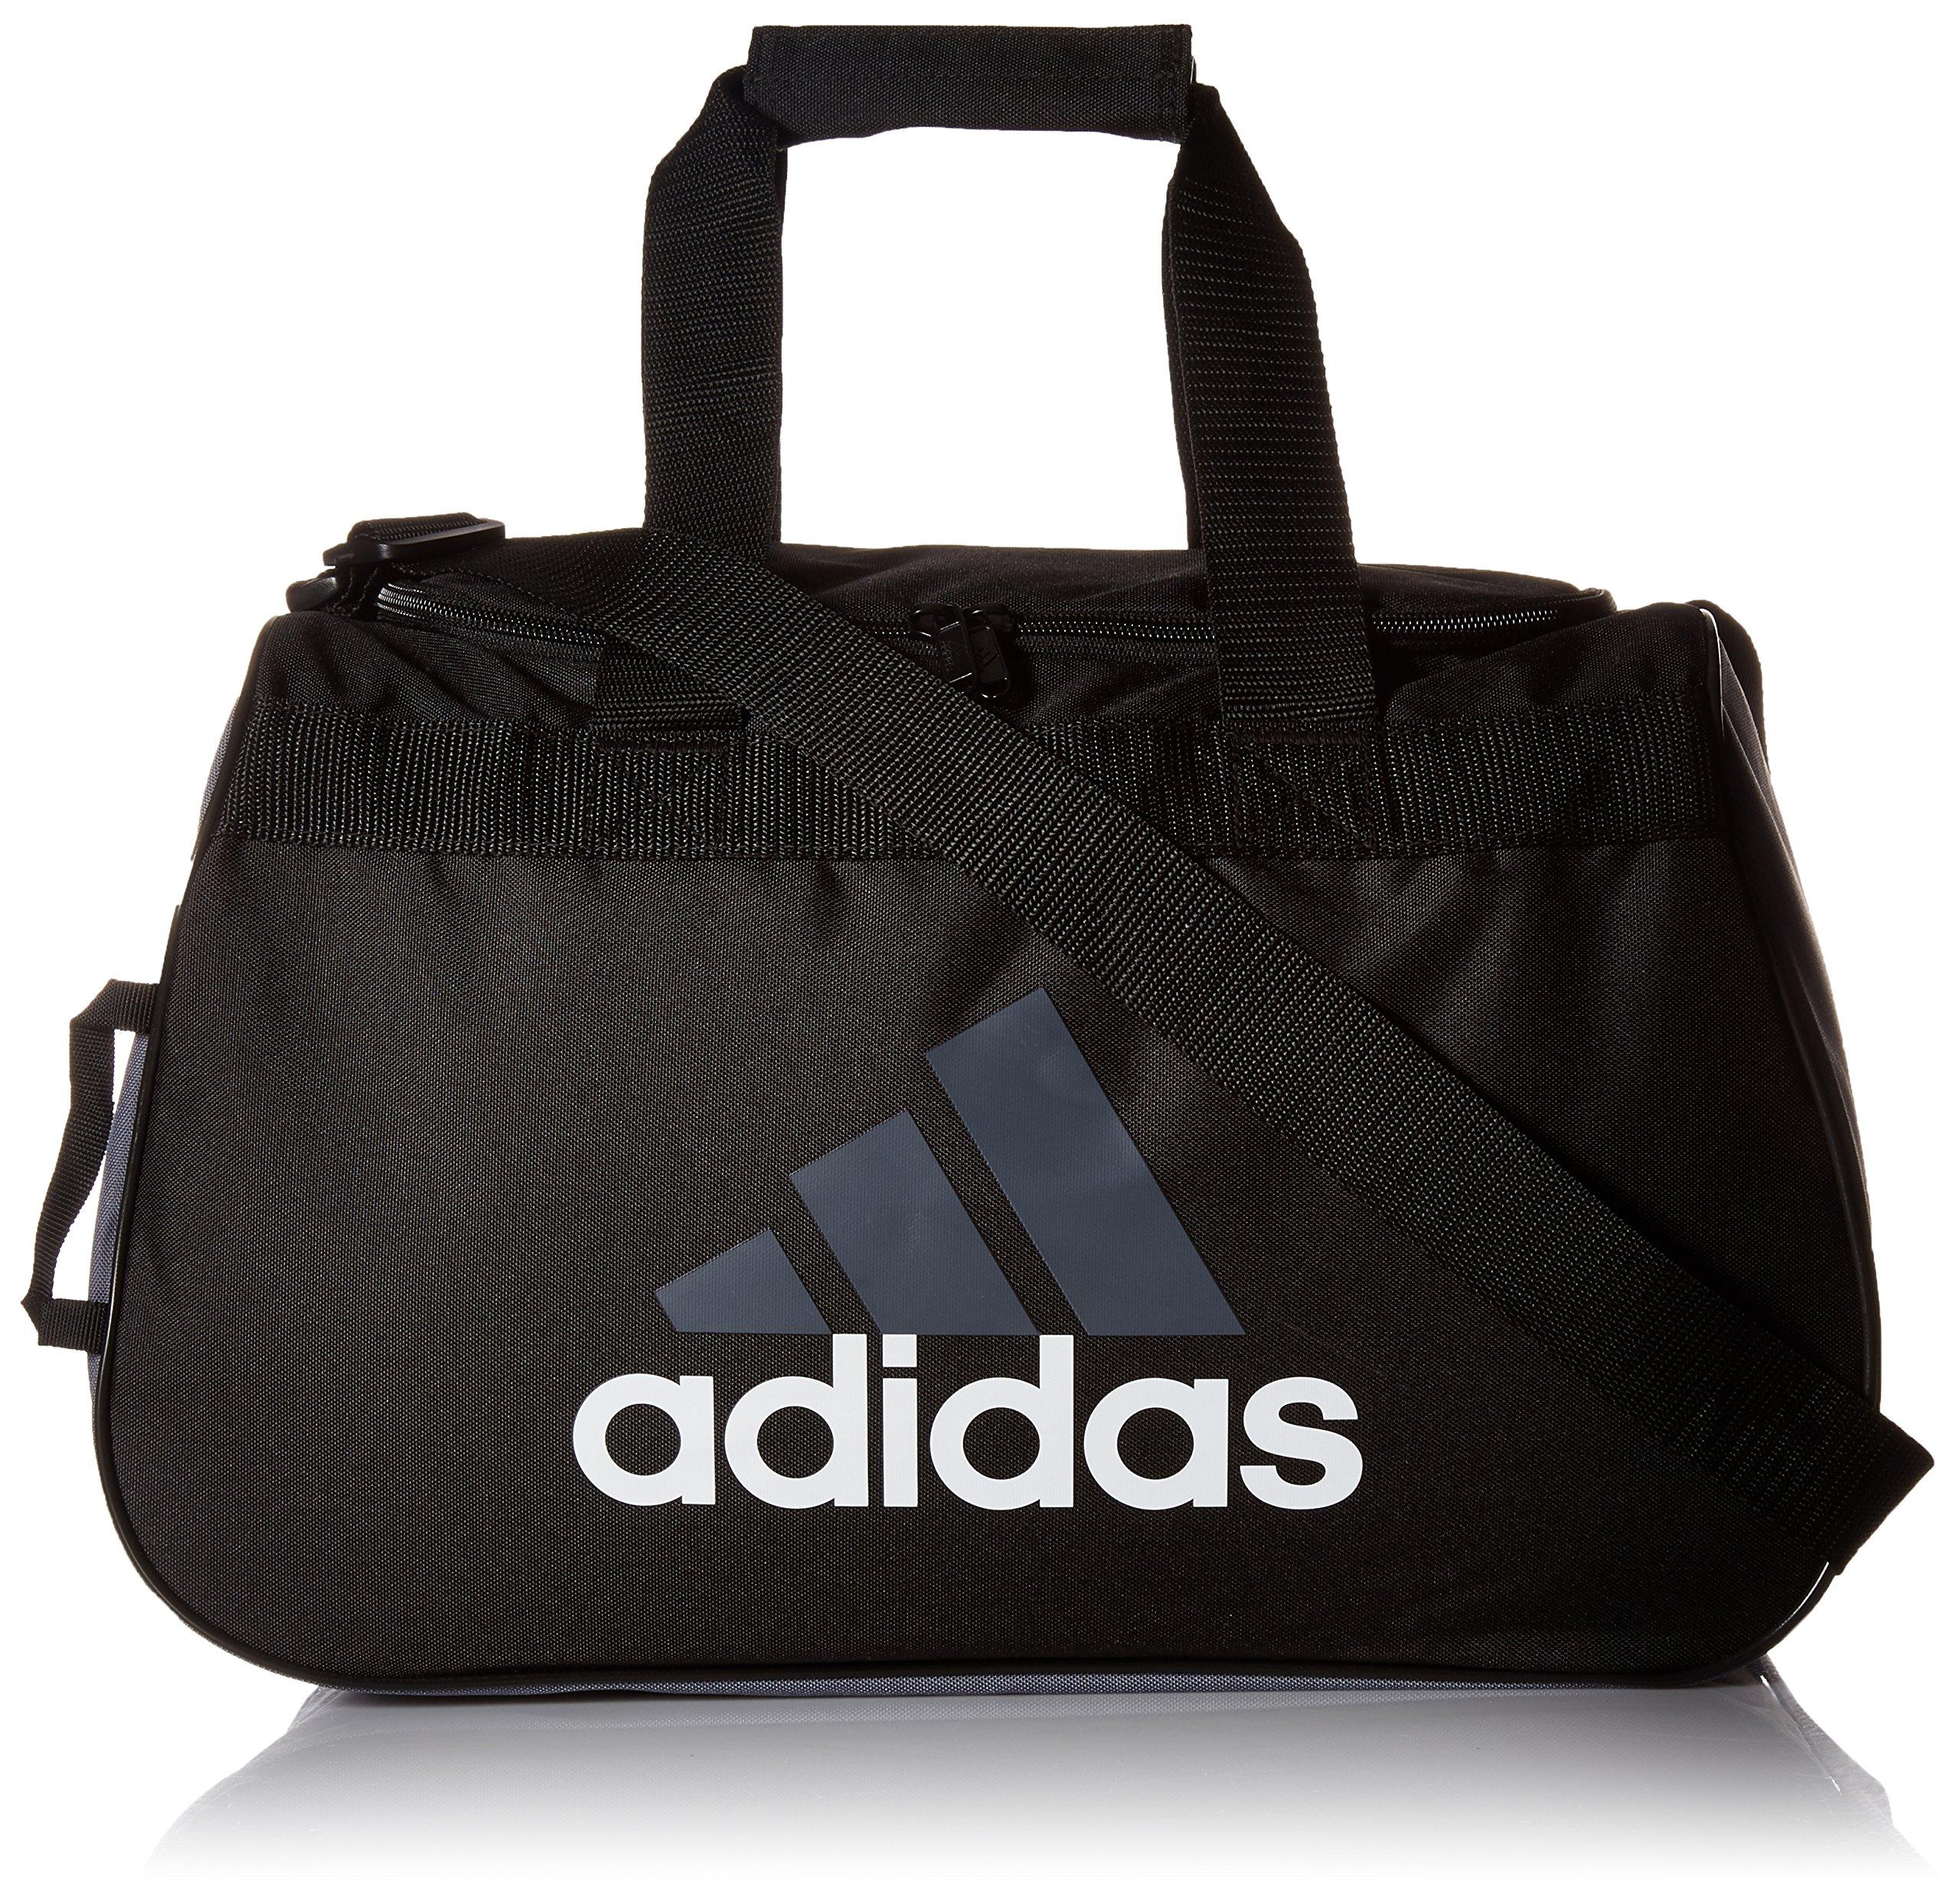 adidas Diablo Small Duffel Bag, Storm Grey, One Size